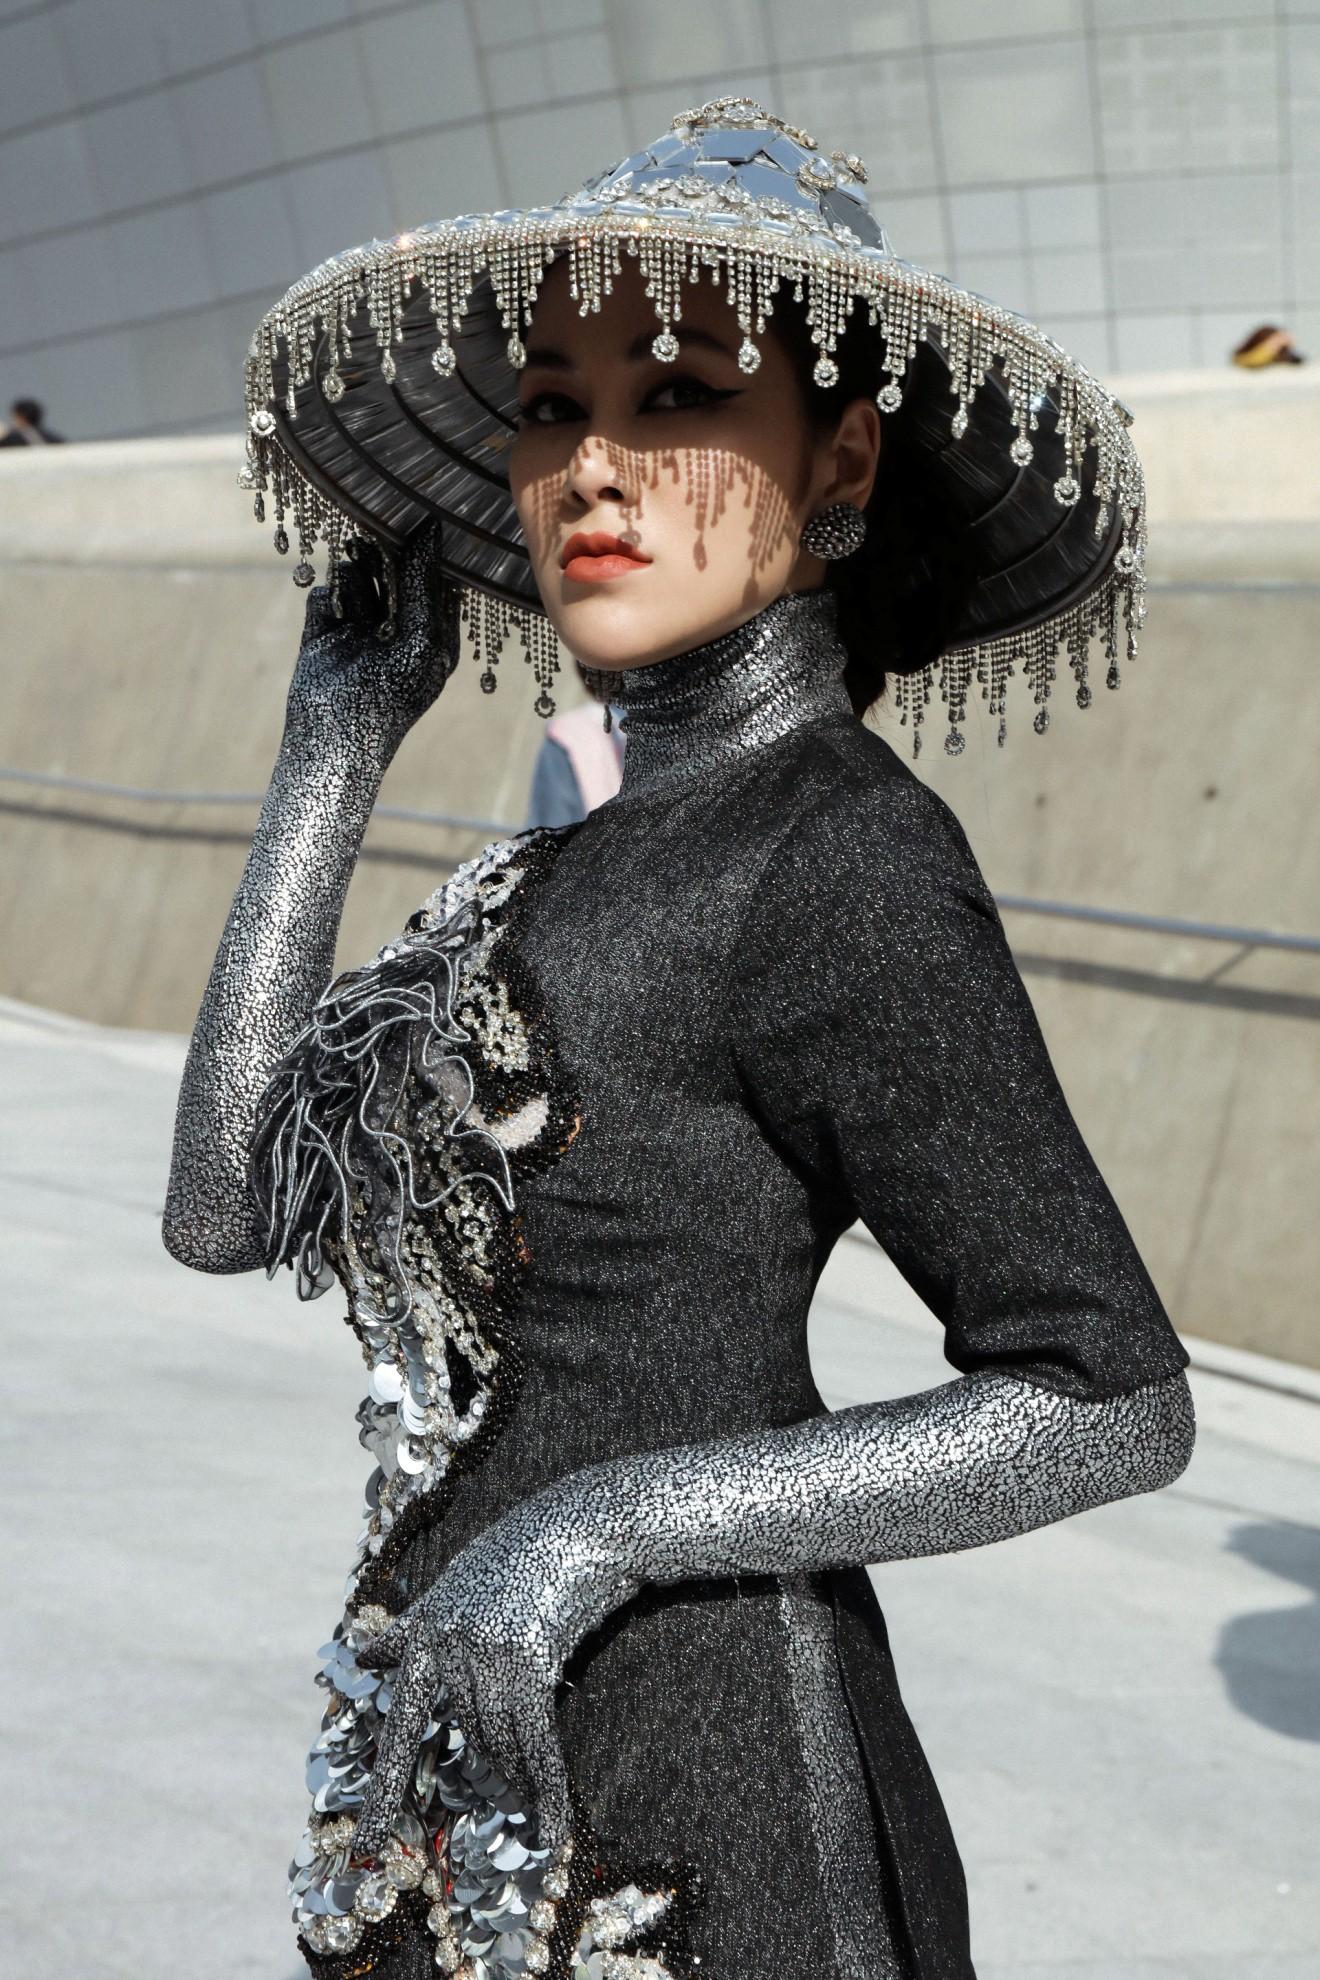 Giới mộ điệu ngỡ ngàng khi Hoa hậu Áo dài Tuyết Nga đem áo dài đính rồng kim loại đến Seoul Fashion Week 2019 - Ảnh 1.